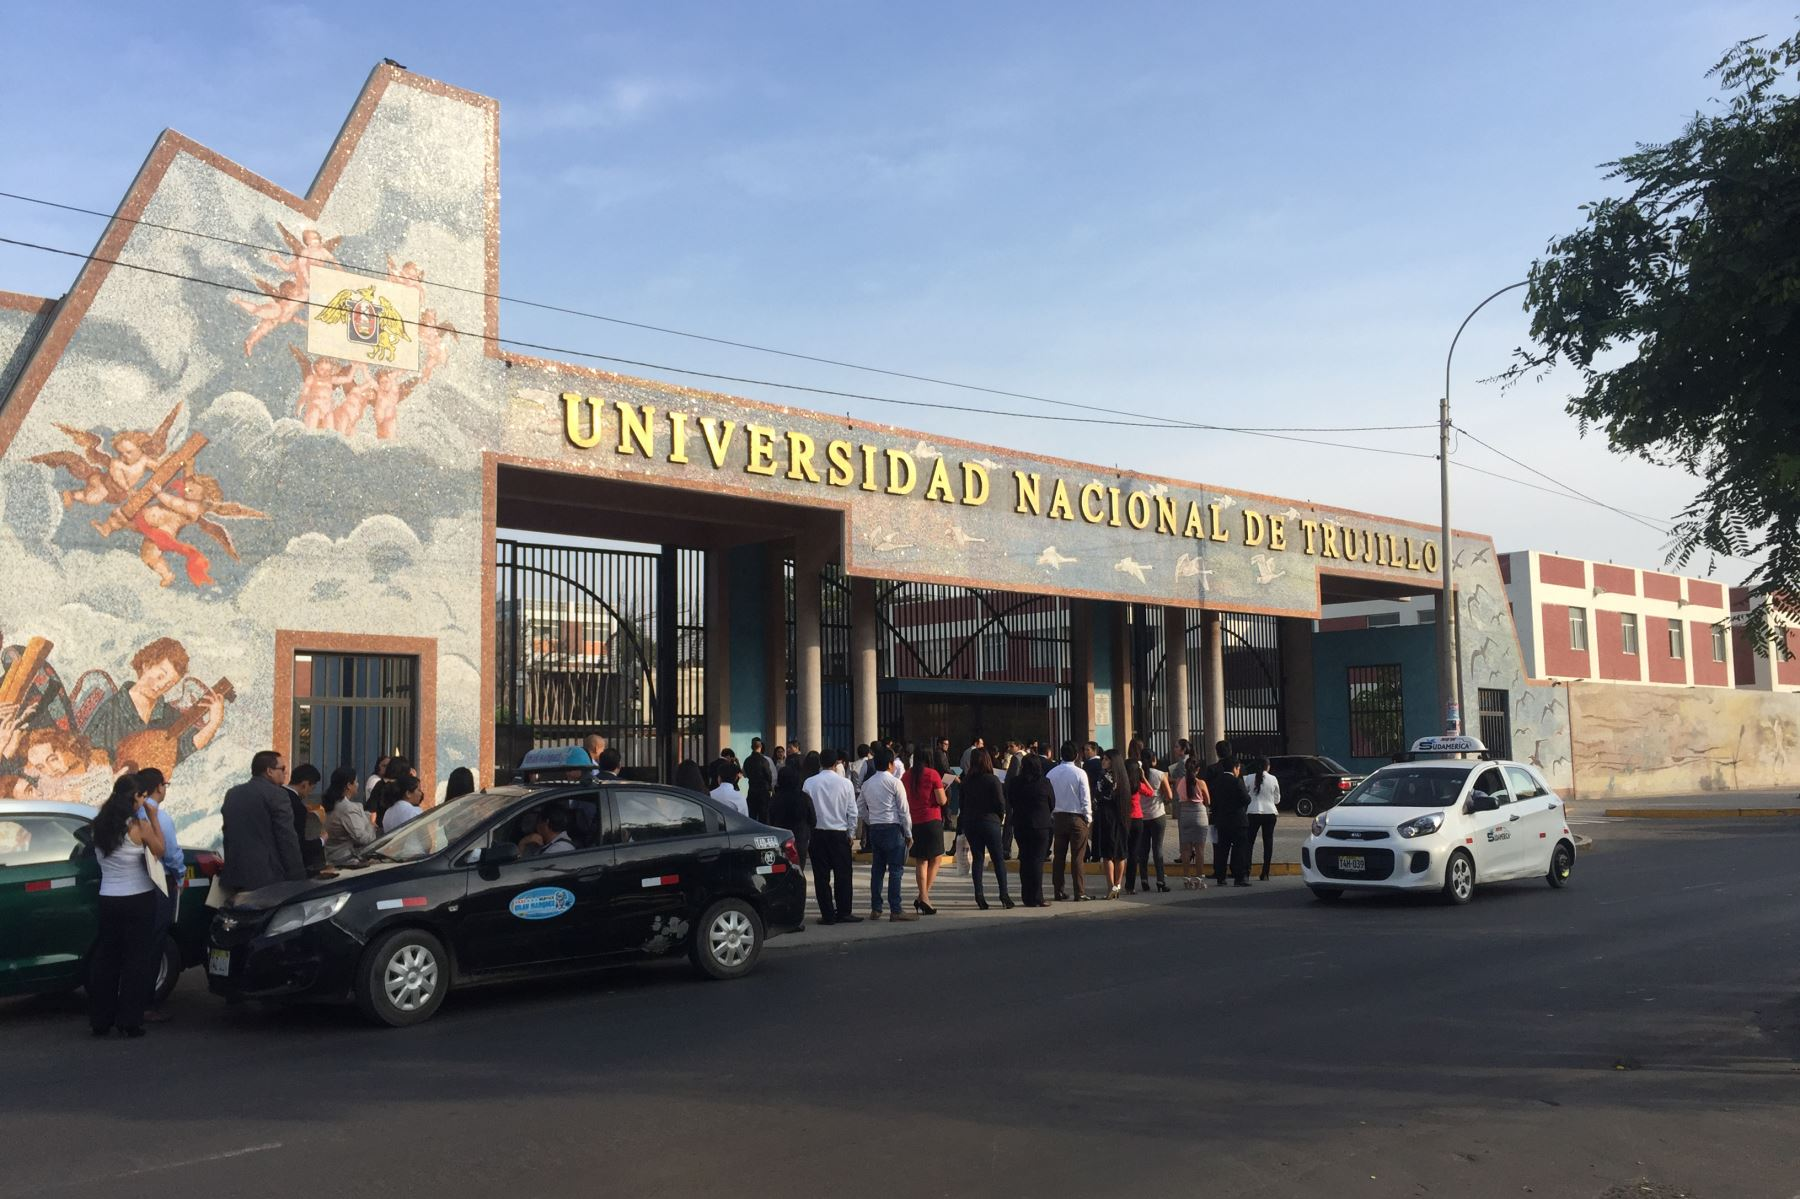 Contraloría General de la República identifica cobros indebidos en la Universidad Nacional de Trujillo, ANDINA/Luis Puell